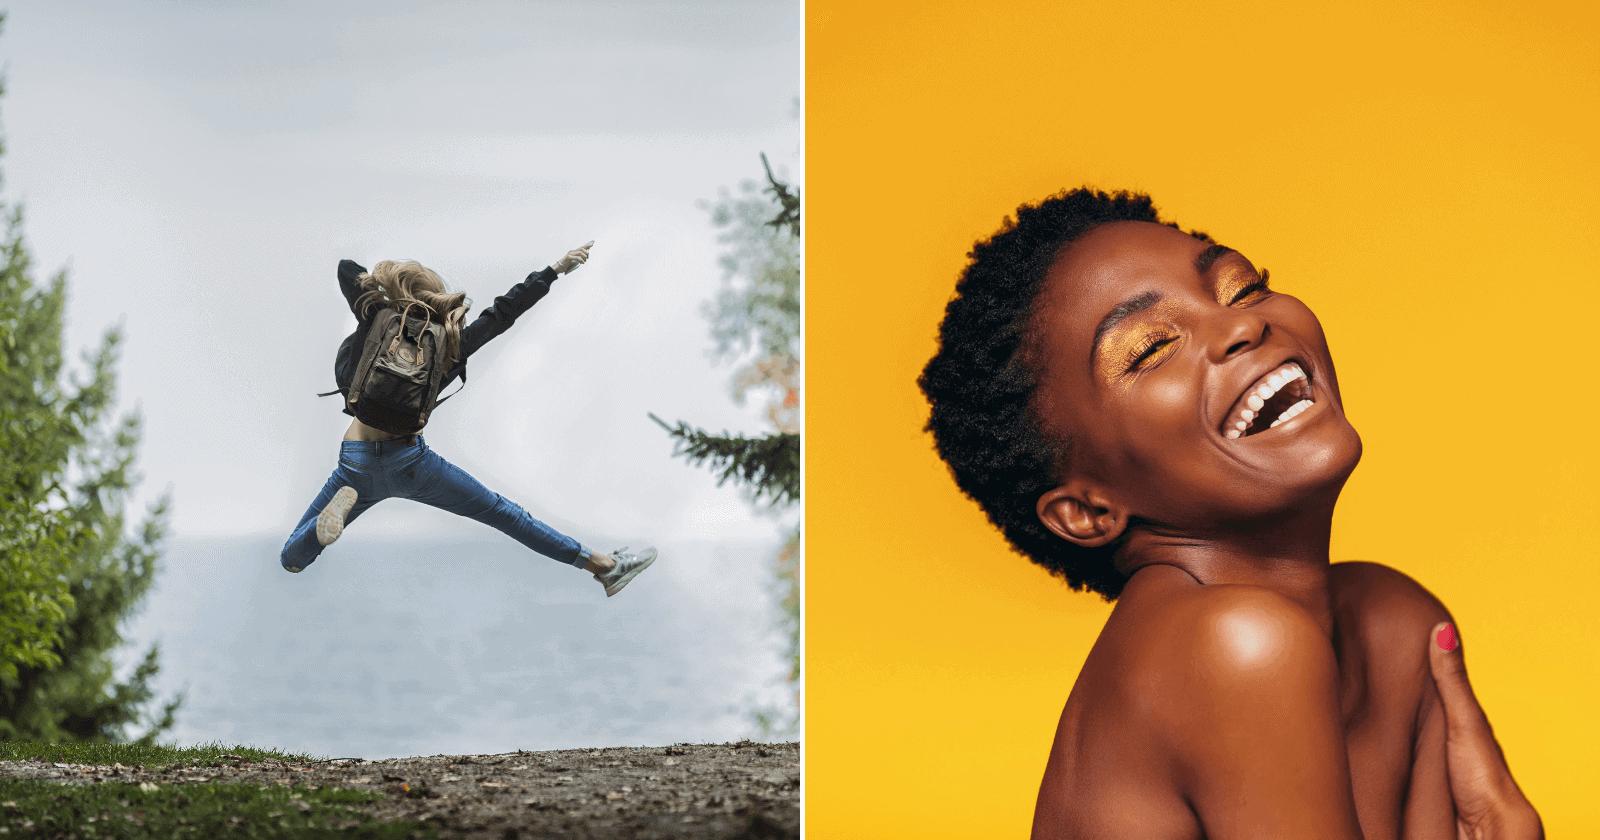 10 ações INFALÍVEIS para superar a NEGATIVIDADE e voltar a viver